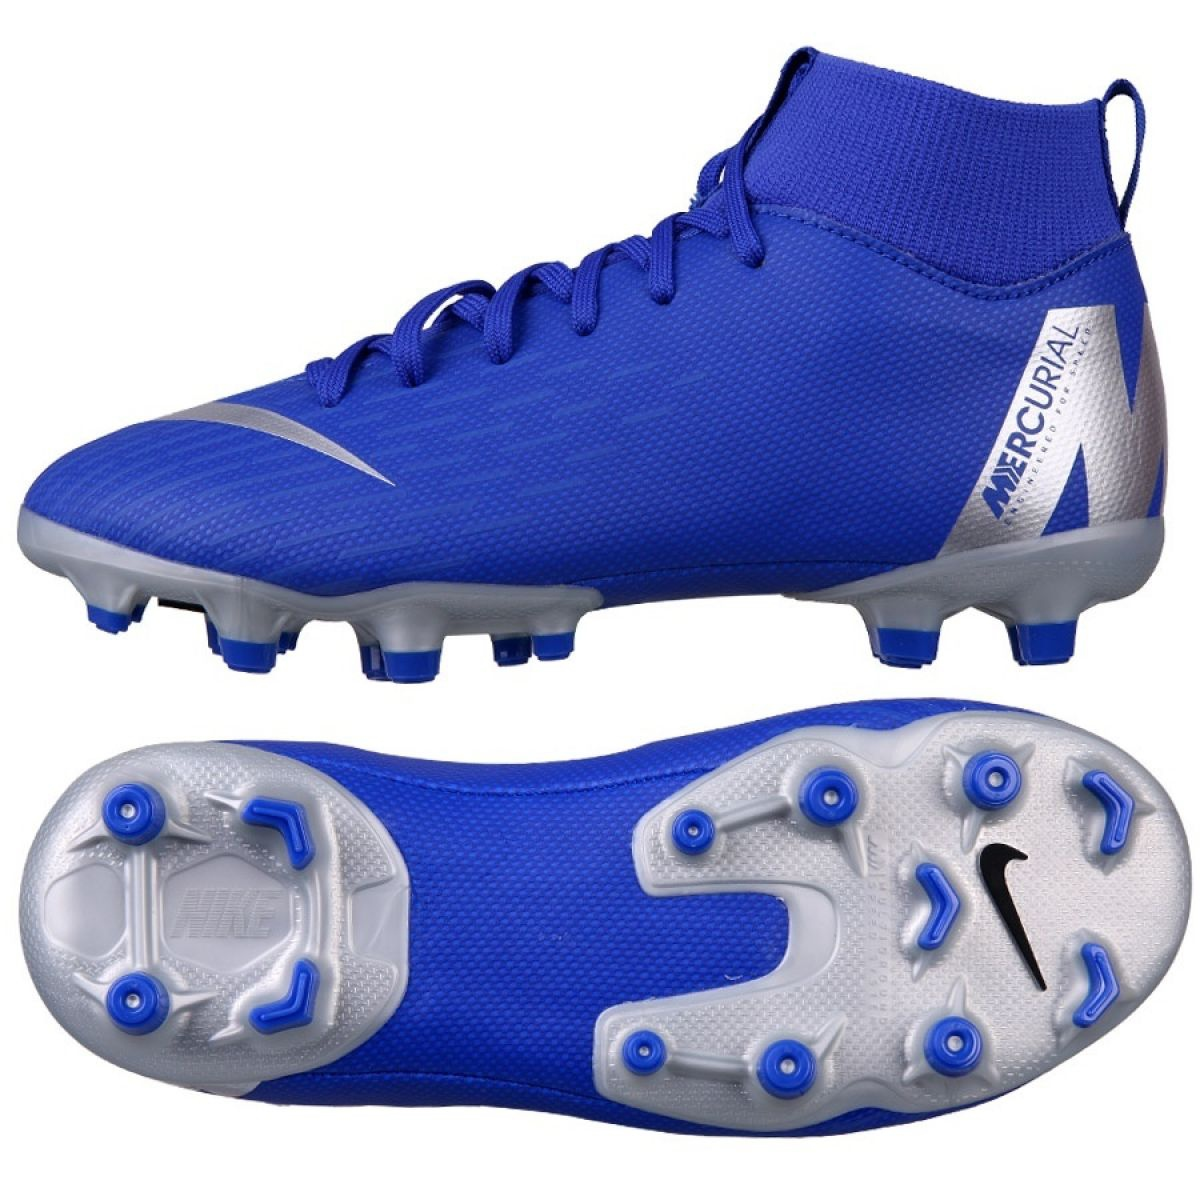 buy online 35948 1785a Nike Mercurial Superfly 6 Academy Mg Jr AH7337-400